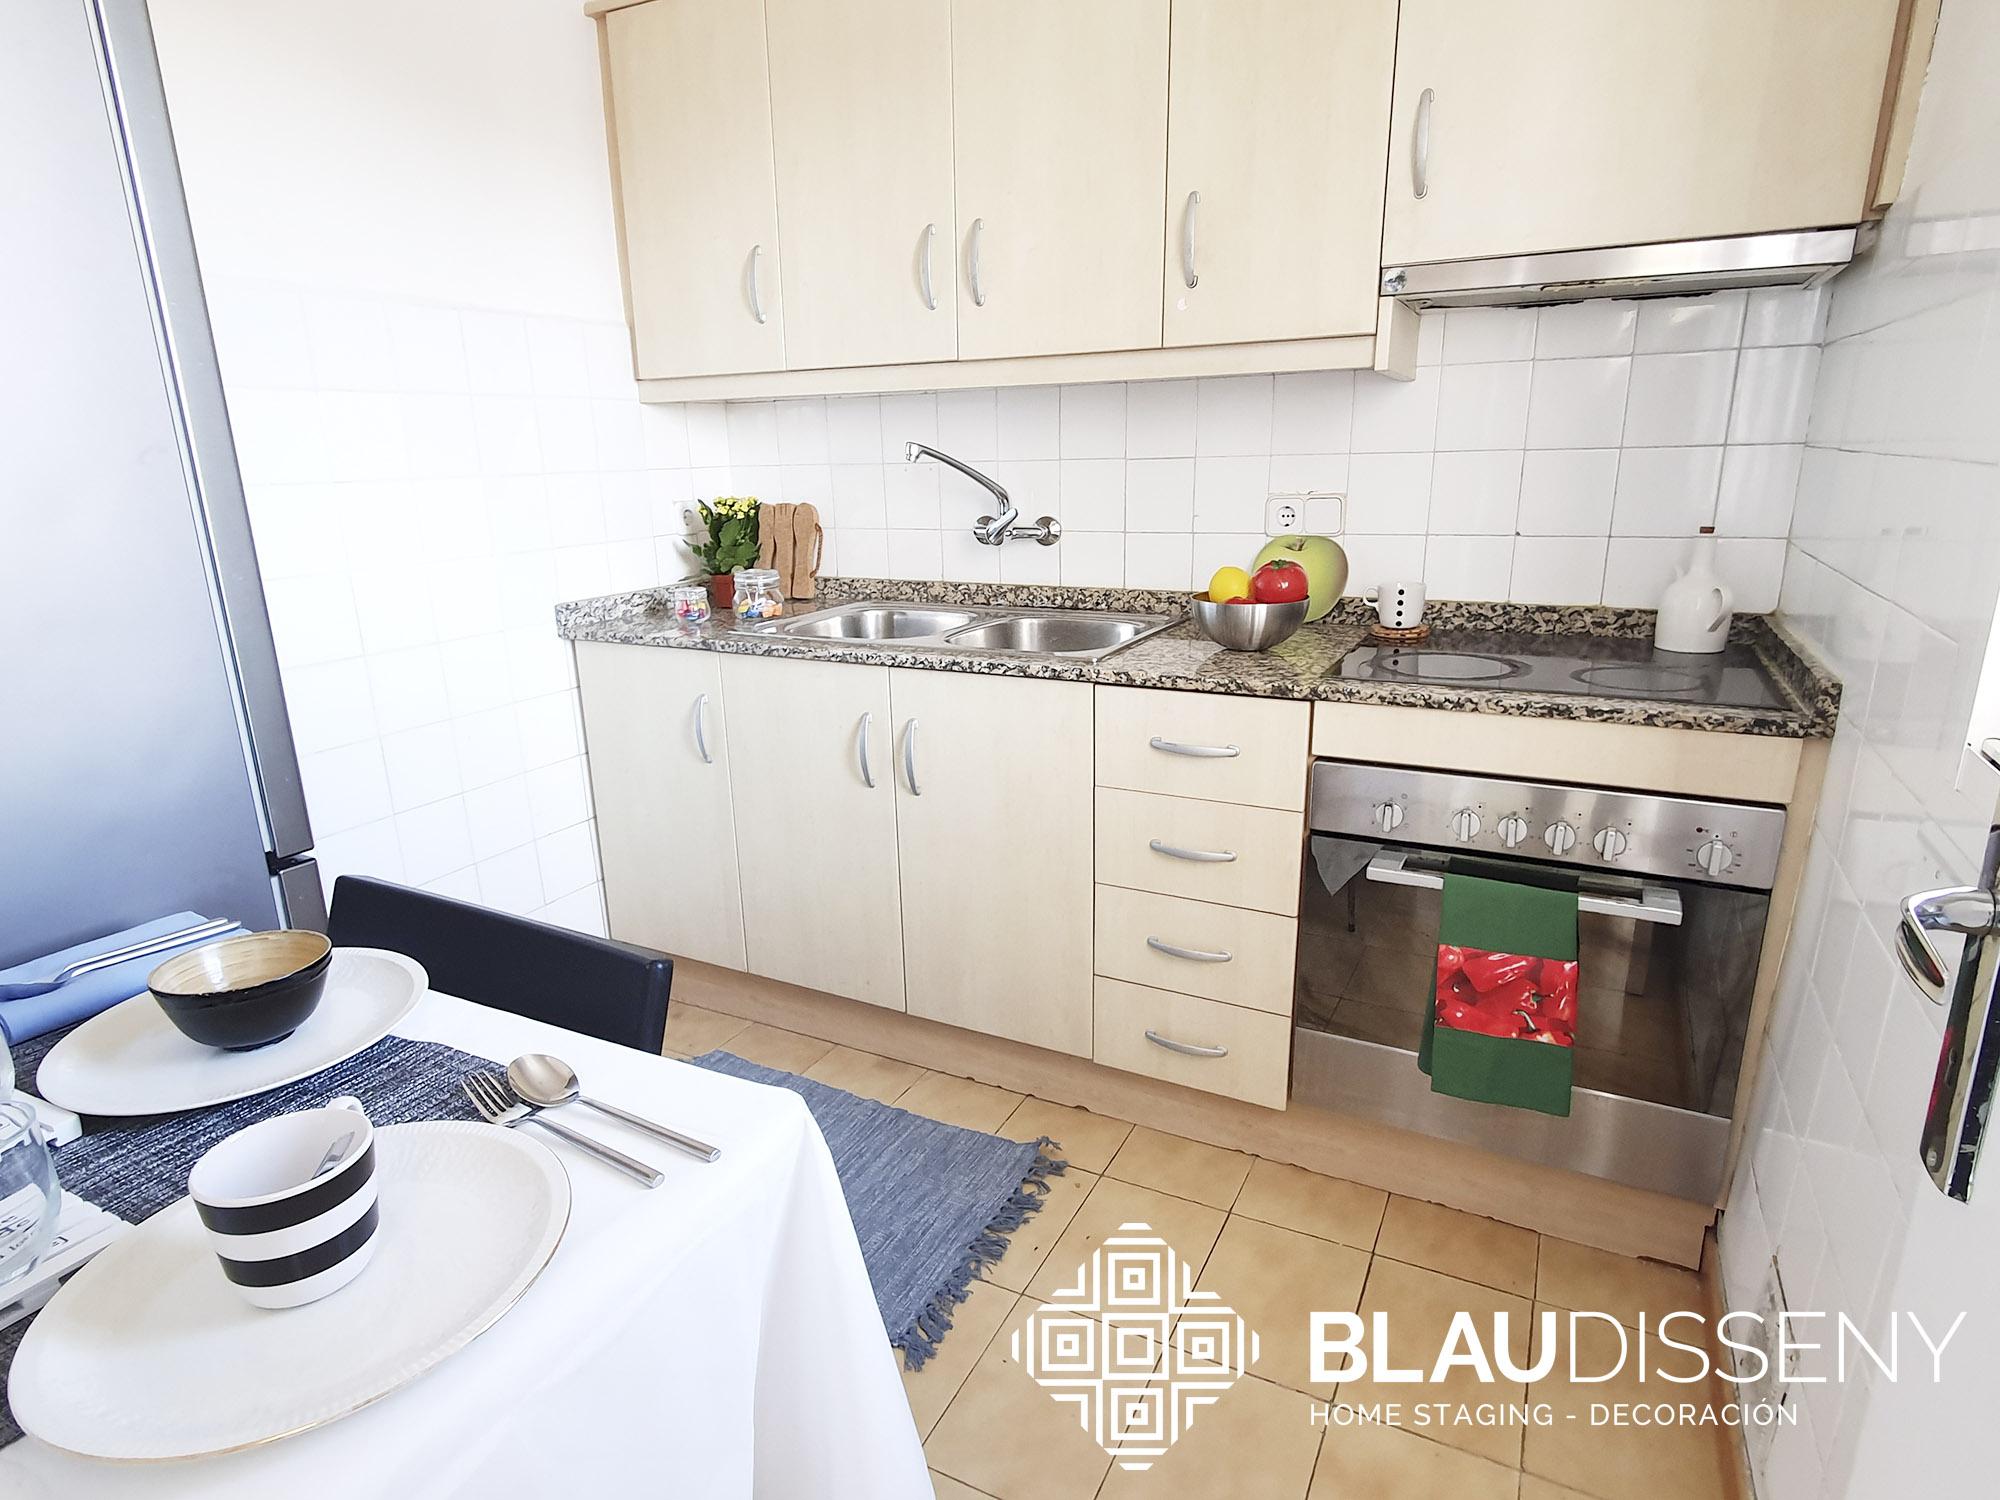 Blaudisseny-home-staging-Son-Cladera-cocina-despues-logo